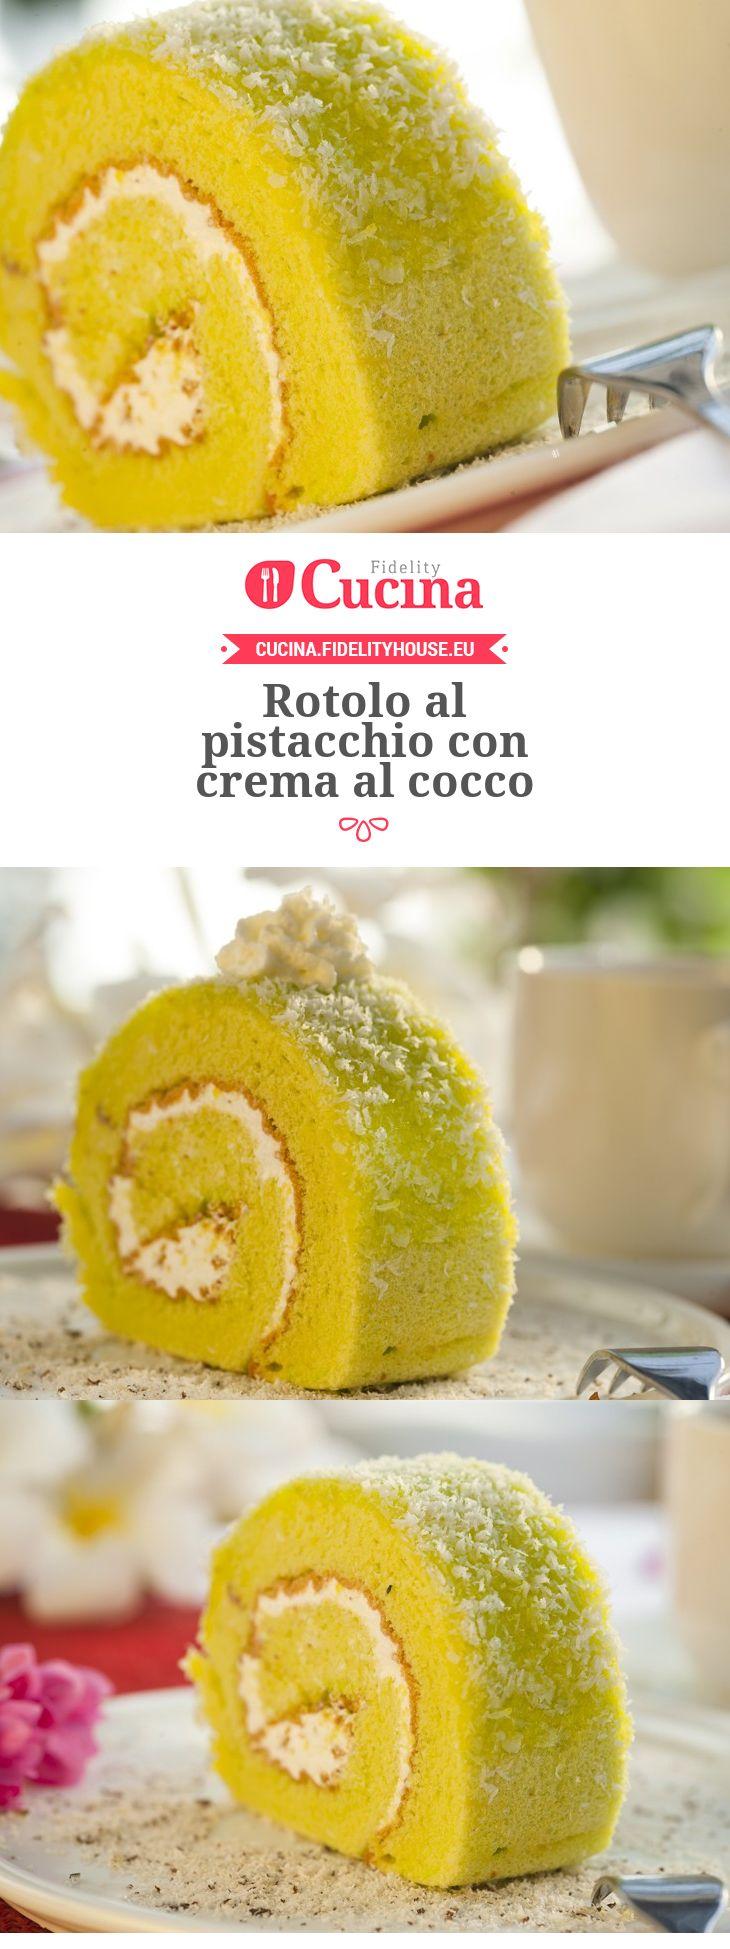 Rotolo al #pistacchio con crema al #cocco